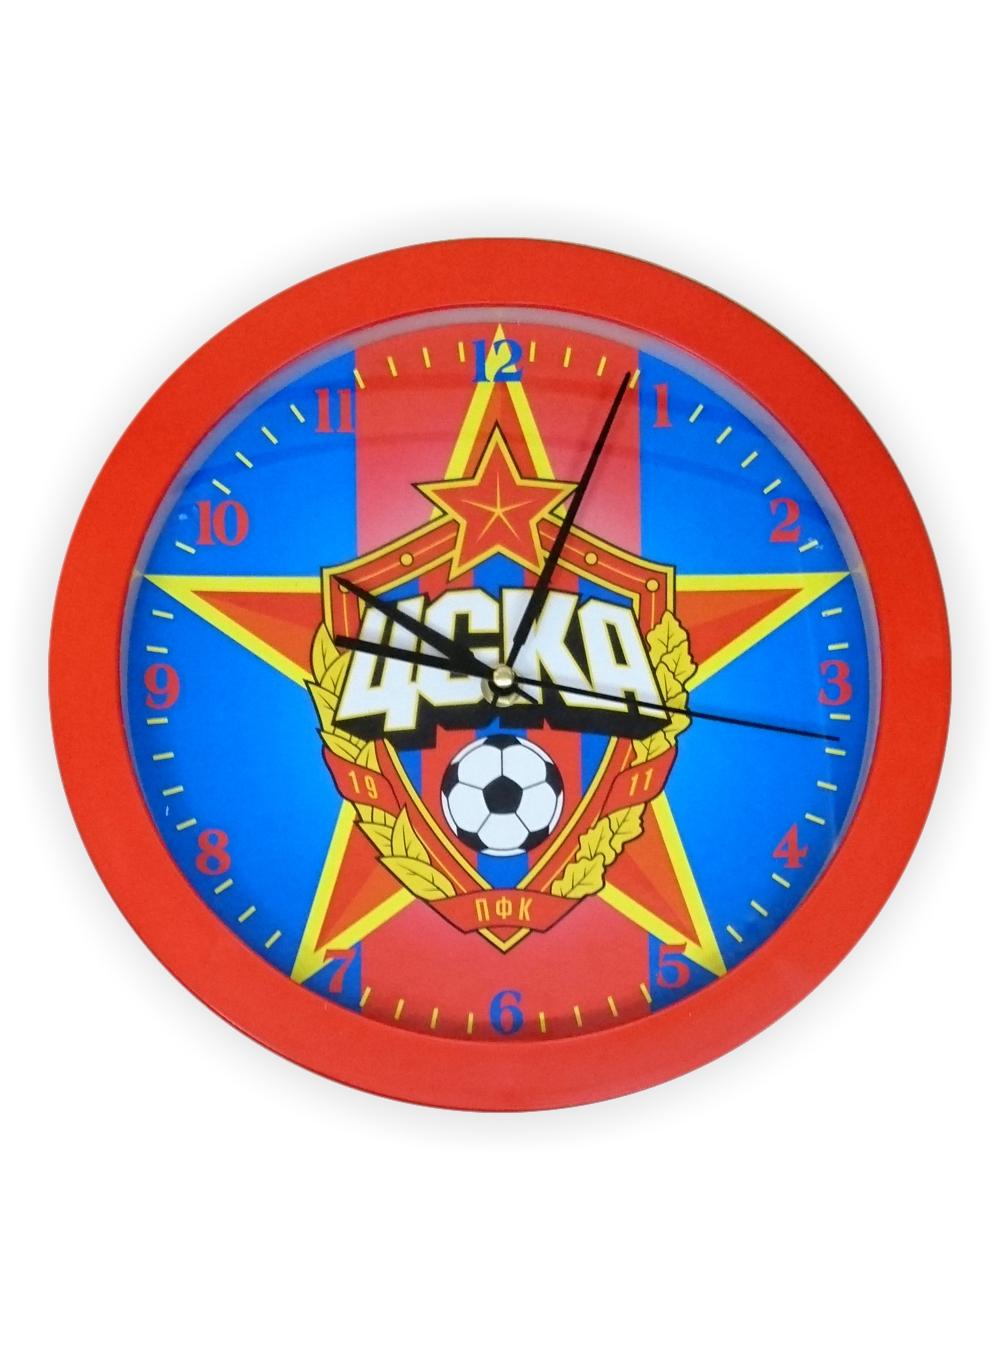 Часы настенные со звездойБудильники и настенные часы<br>Часы настенные со звездой<br>